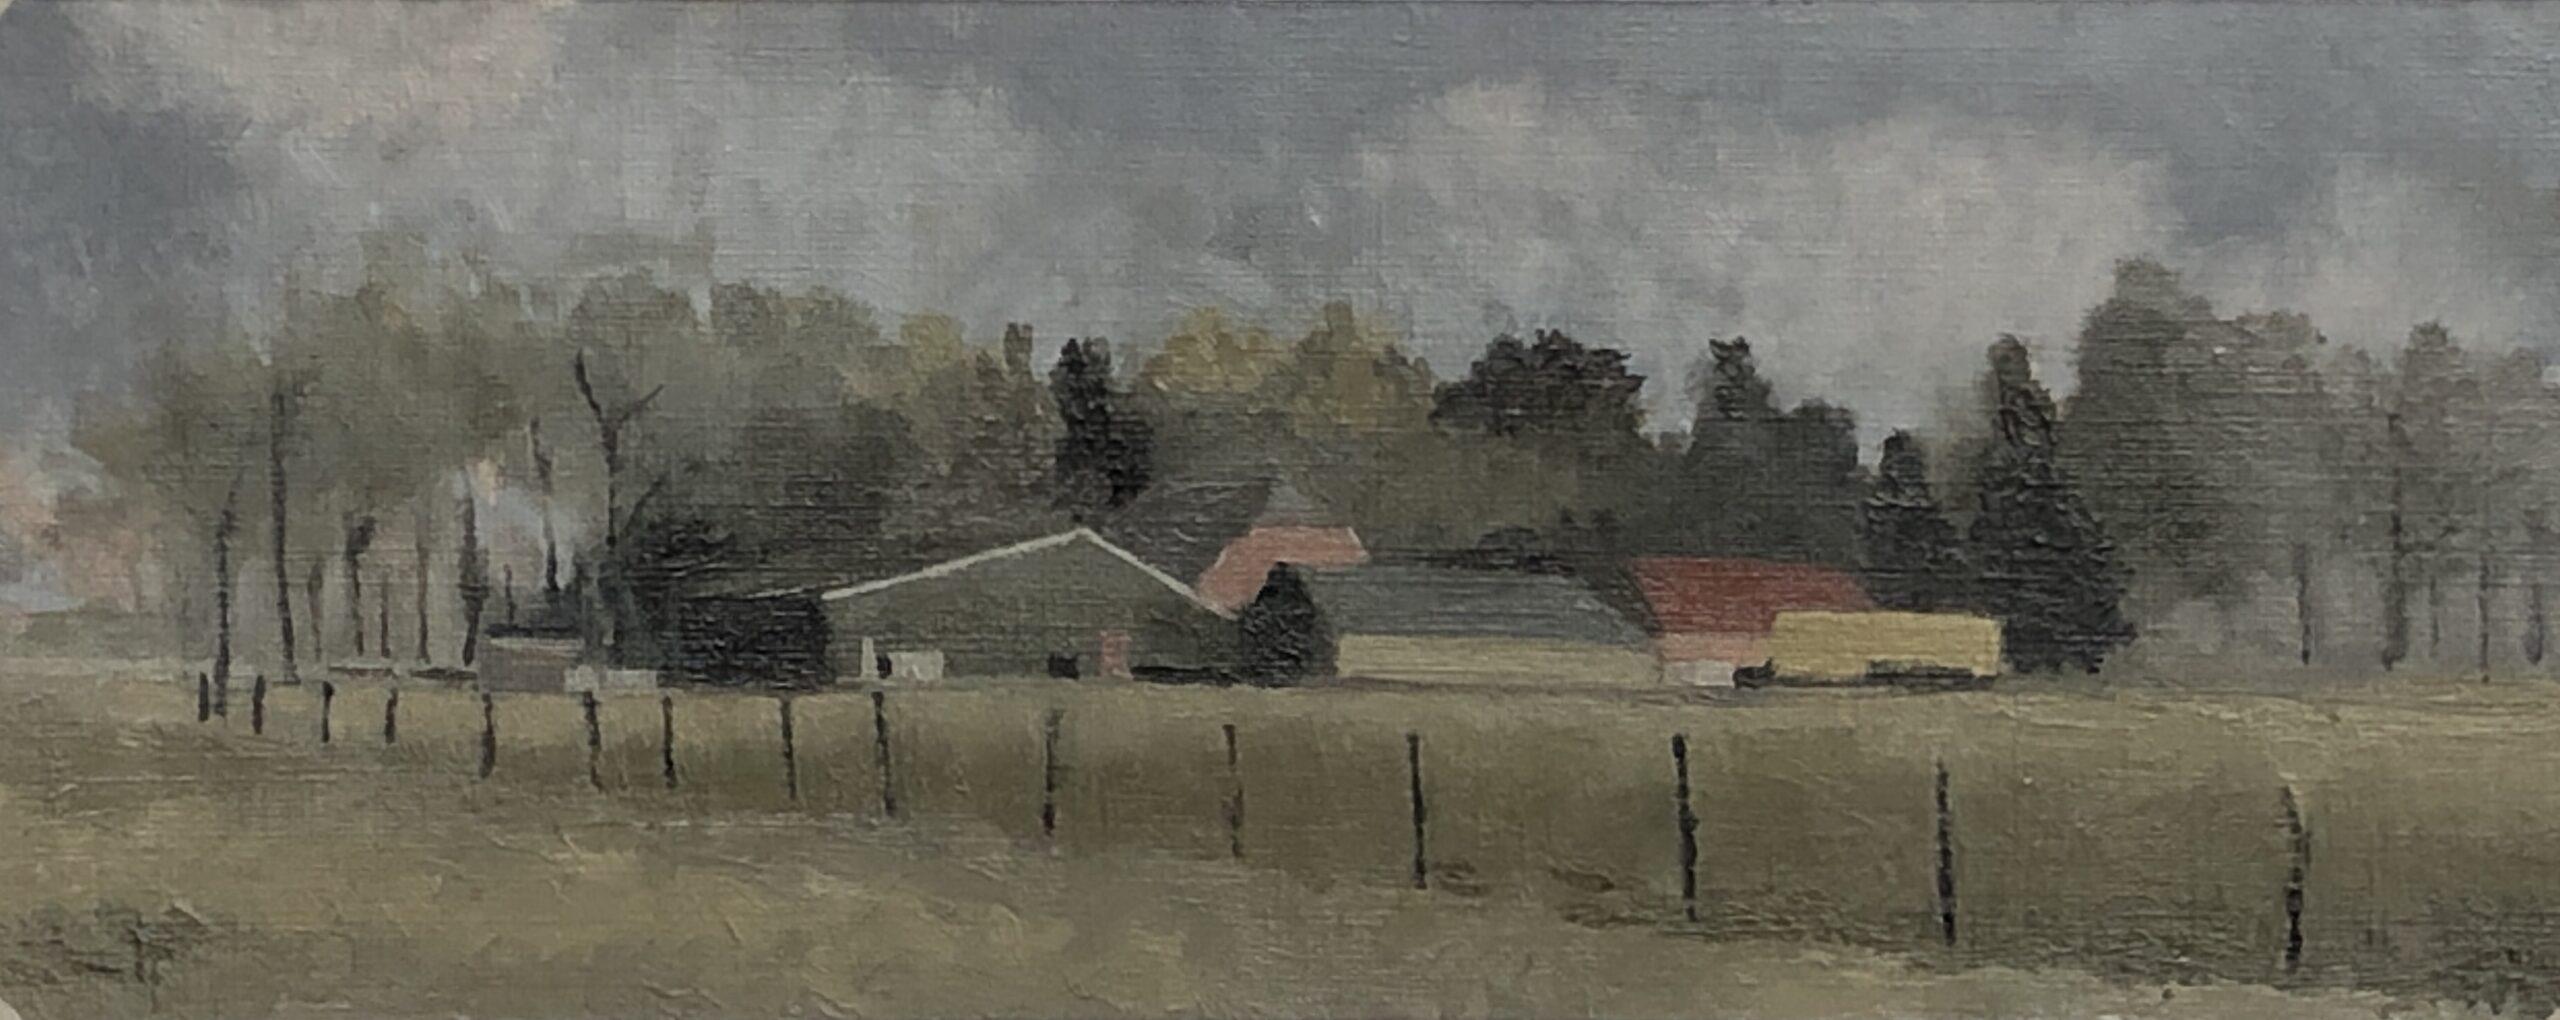 Drents landschap 1